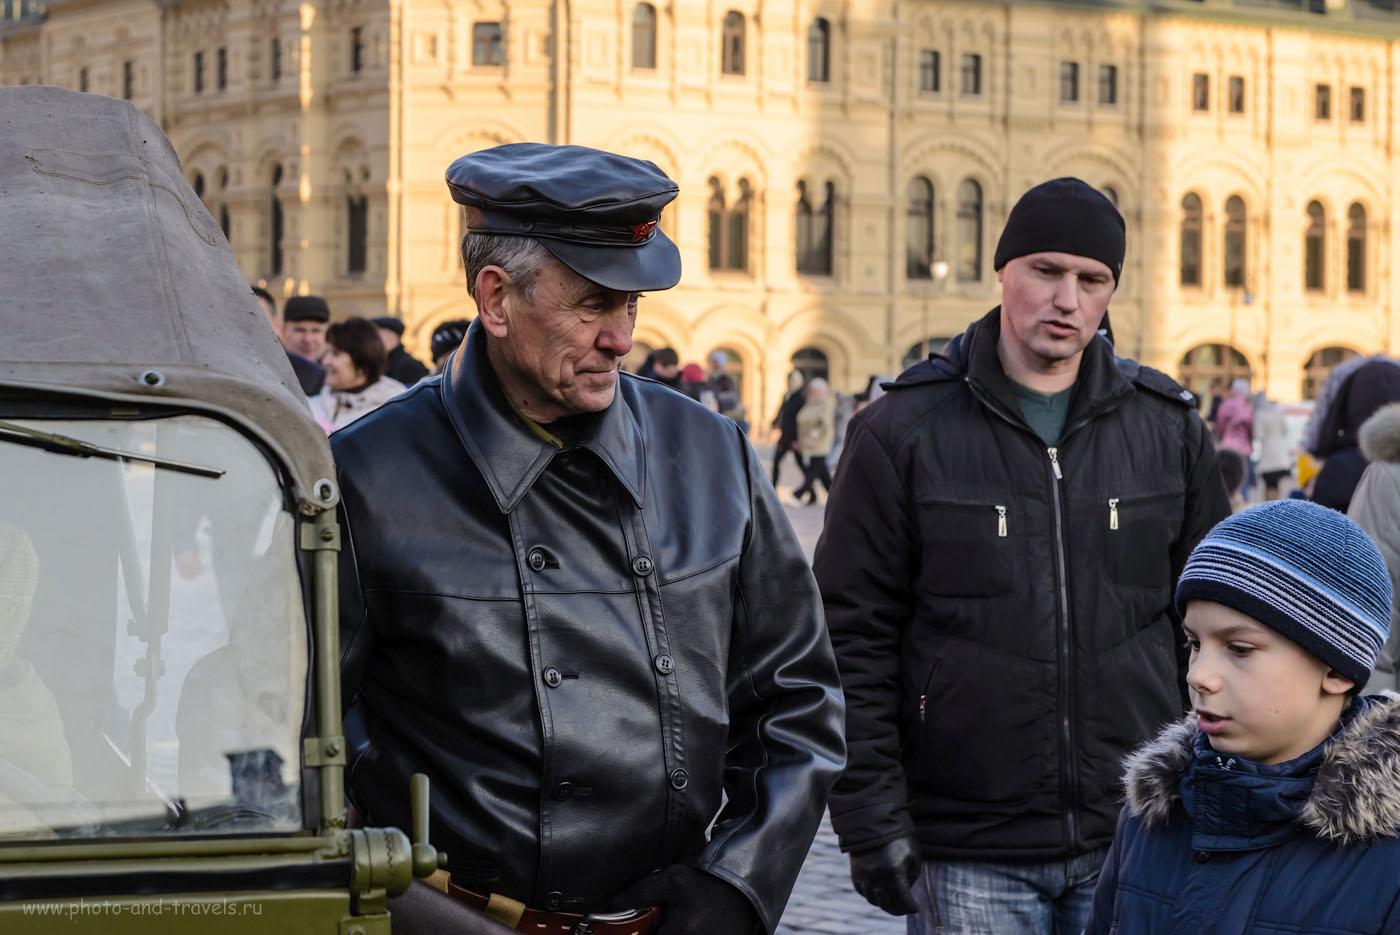 28. Участник костюмированного шествия на Красной площади в Москве. 1/400, -0.67, 8.0, 640, 70.